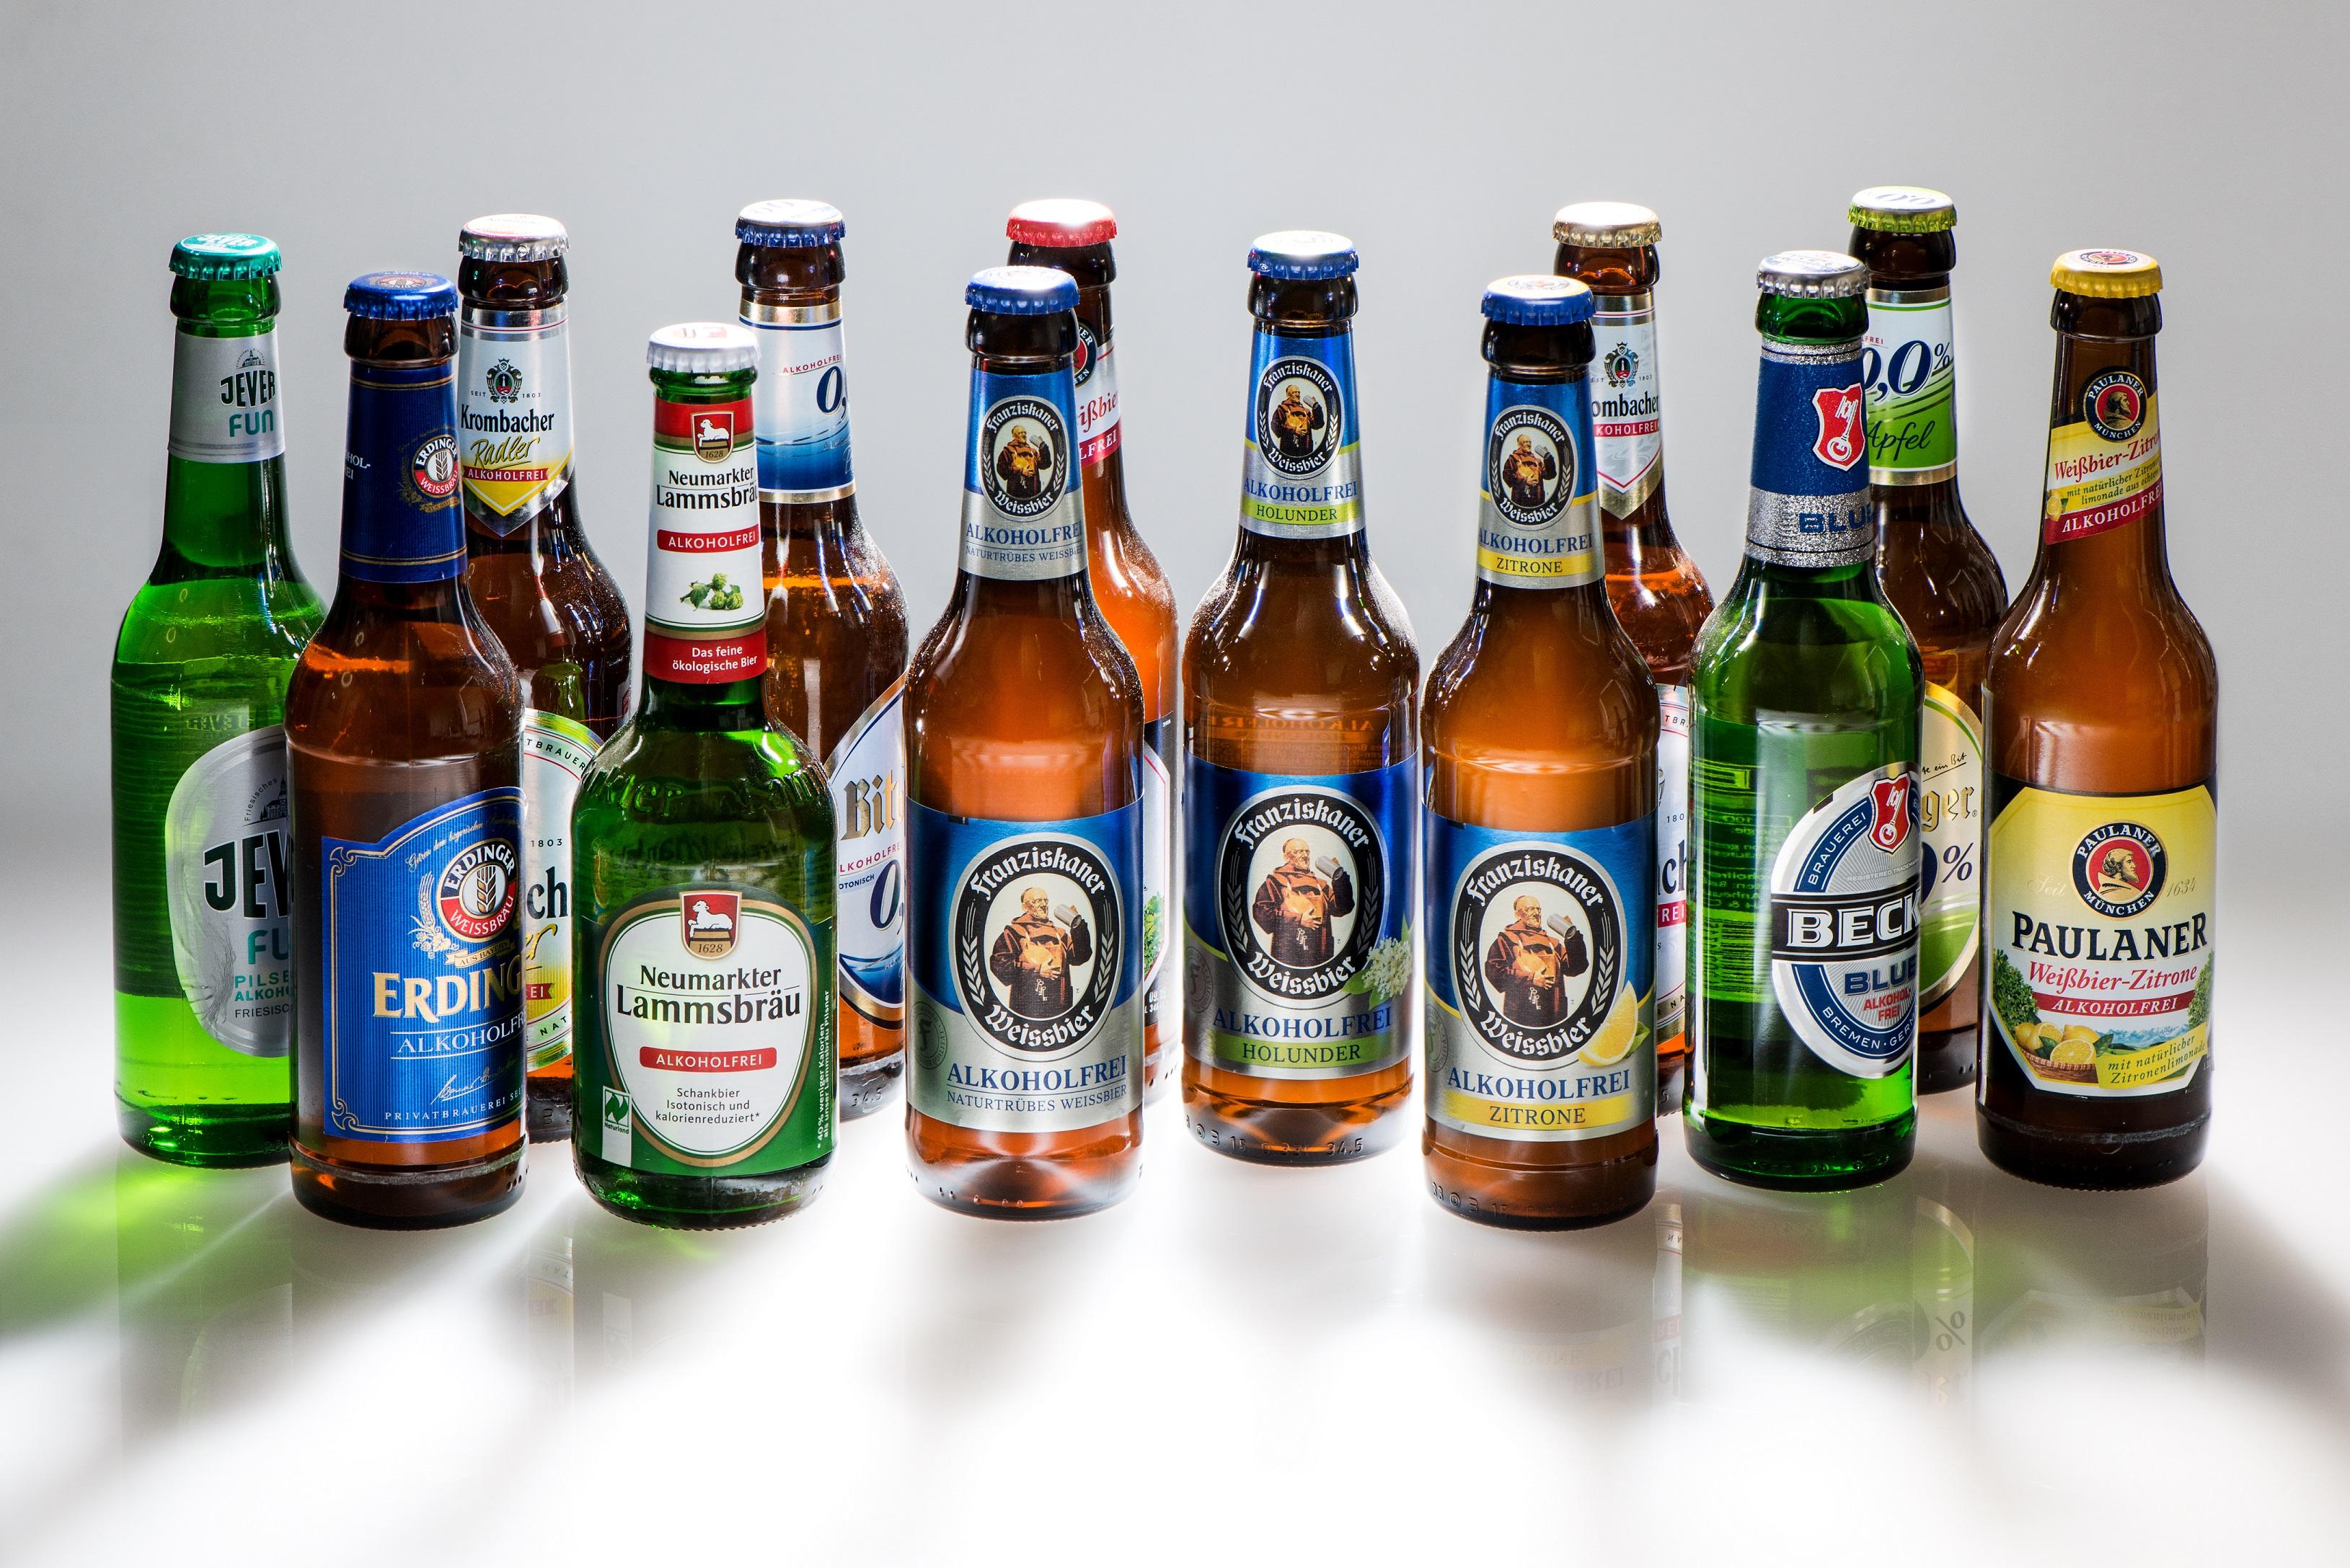 GfK: Biermischgetränke verbuchen Wachstum dank Radler